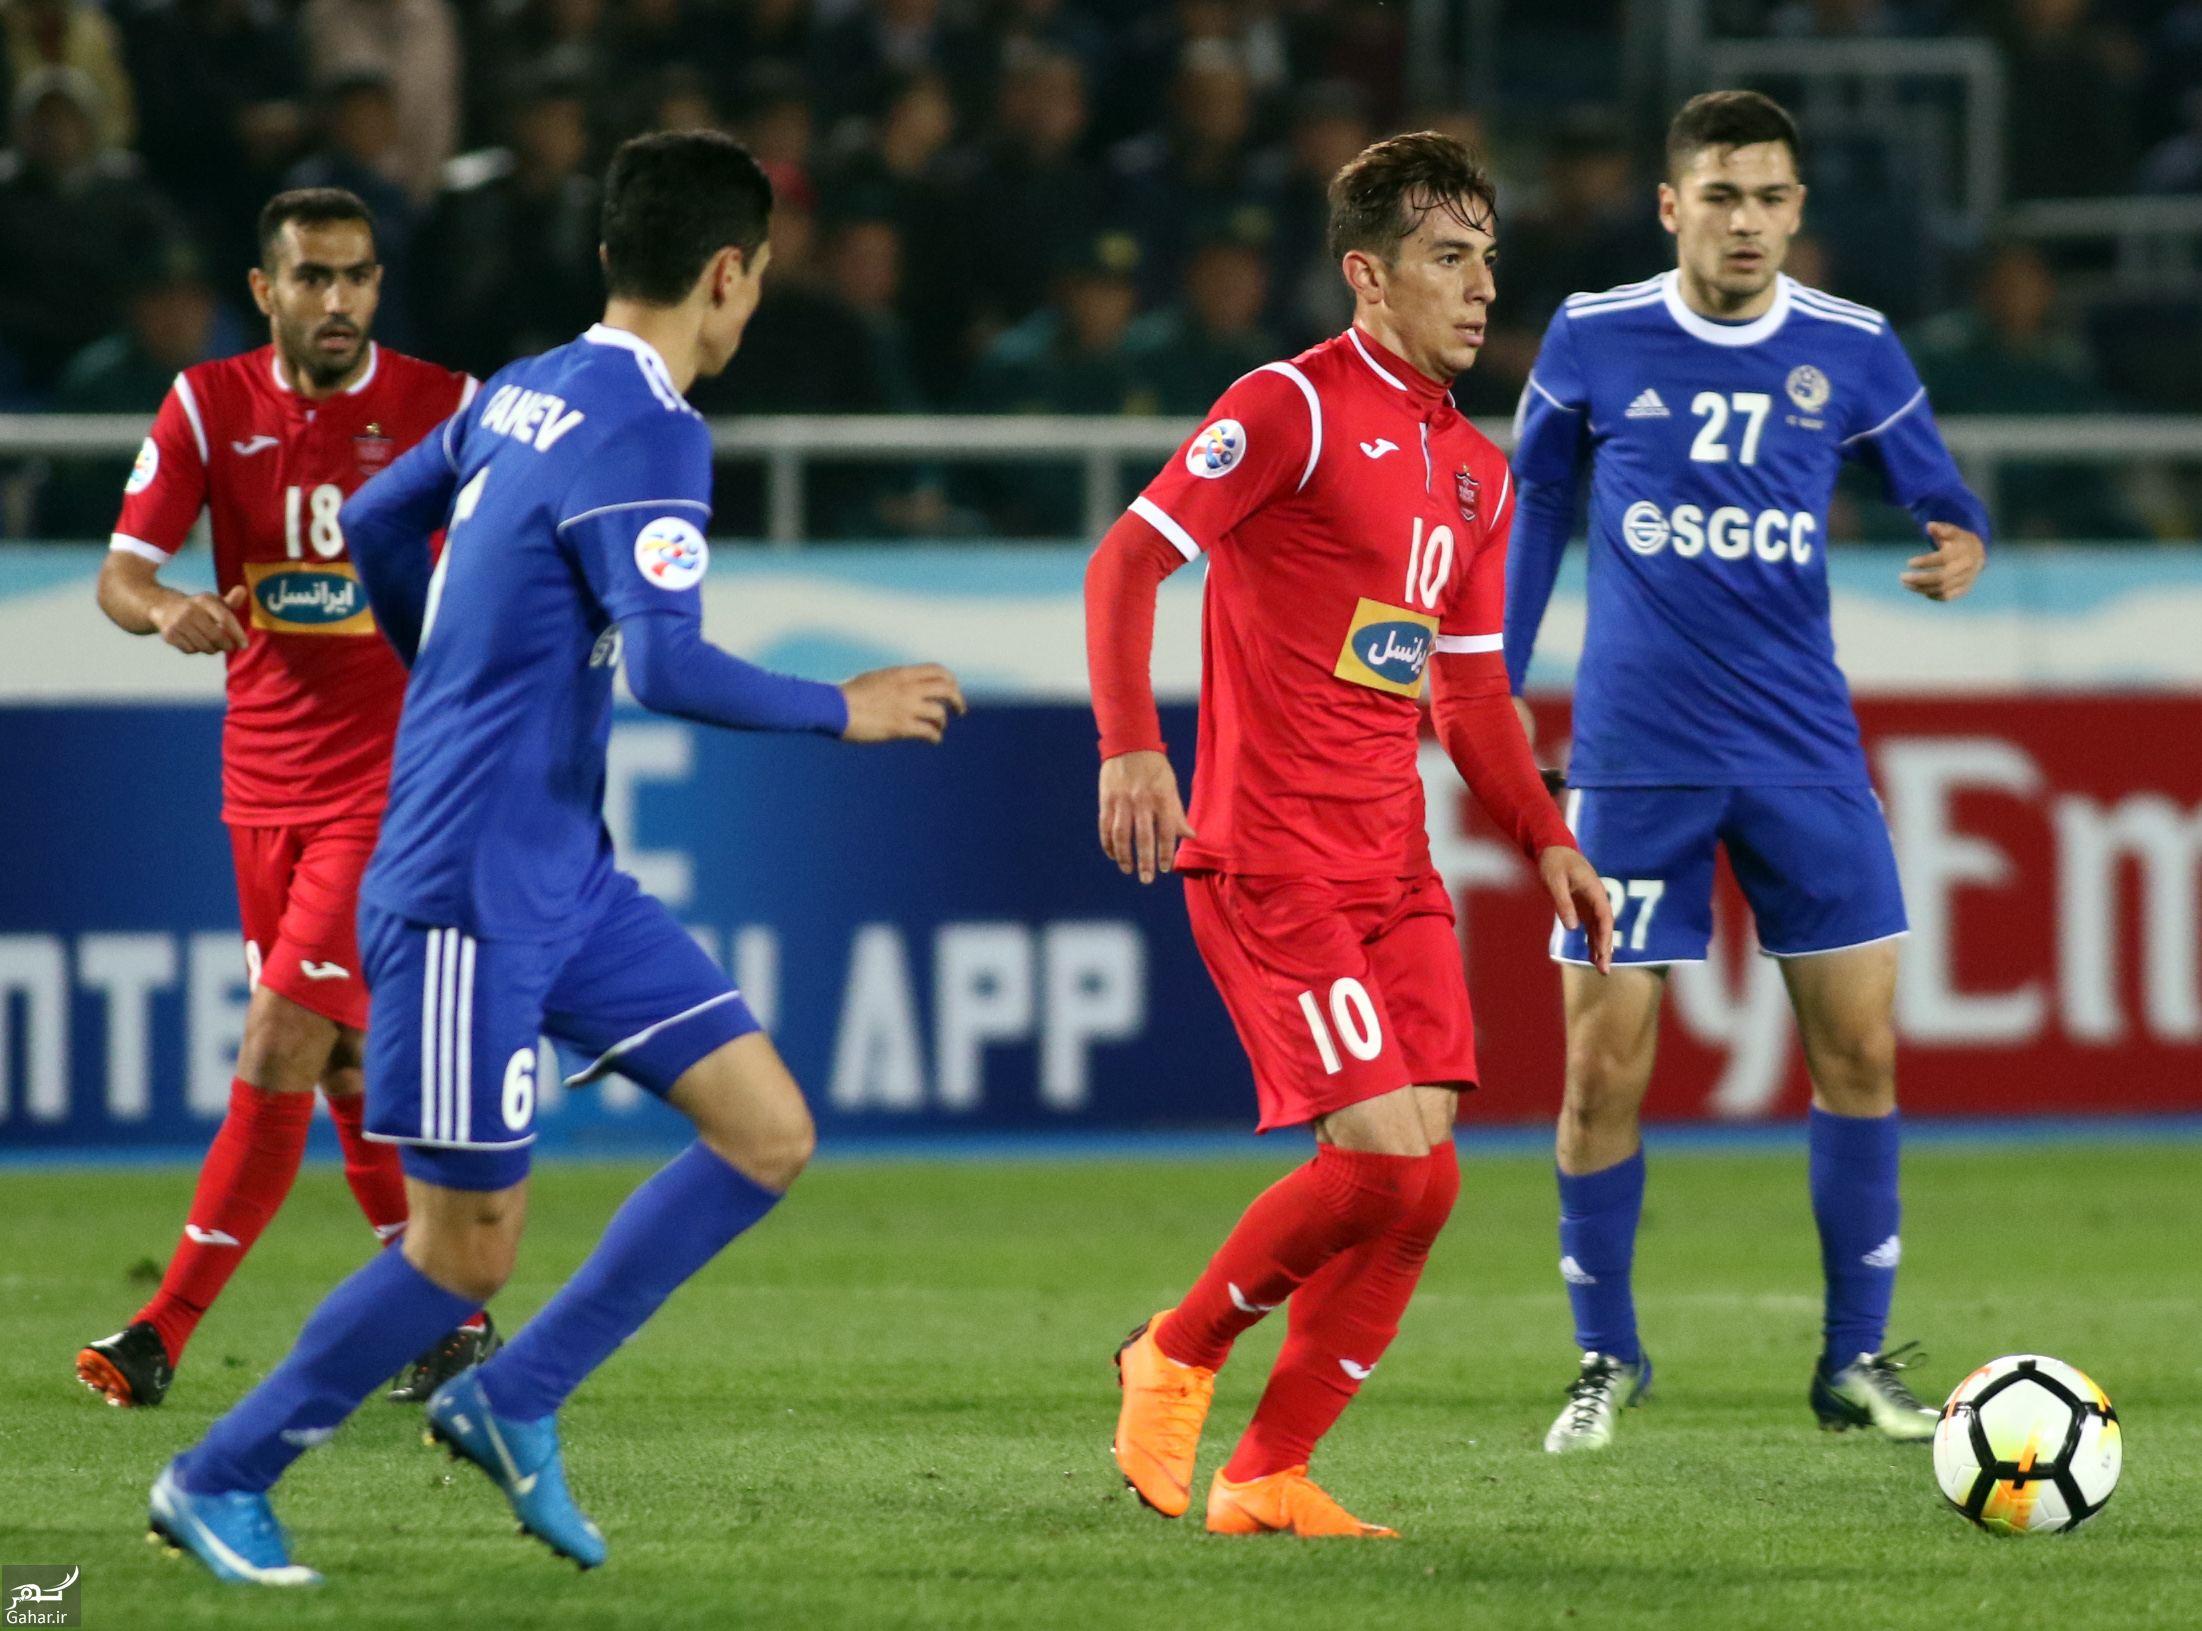 زمان بازی نیمه نهایی لیگ قهرمانان اسیا پرسپولیس السد, جدید 1400 -گهر